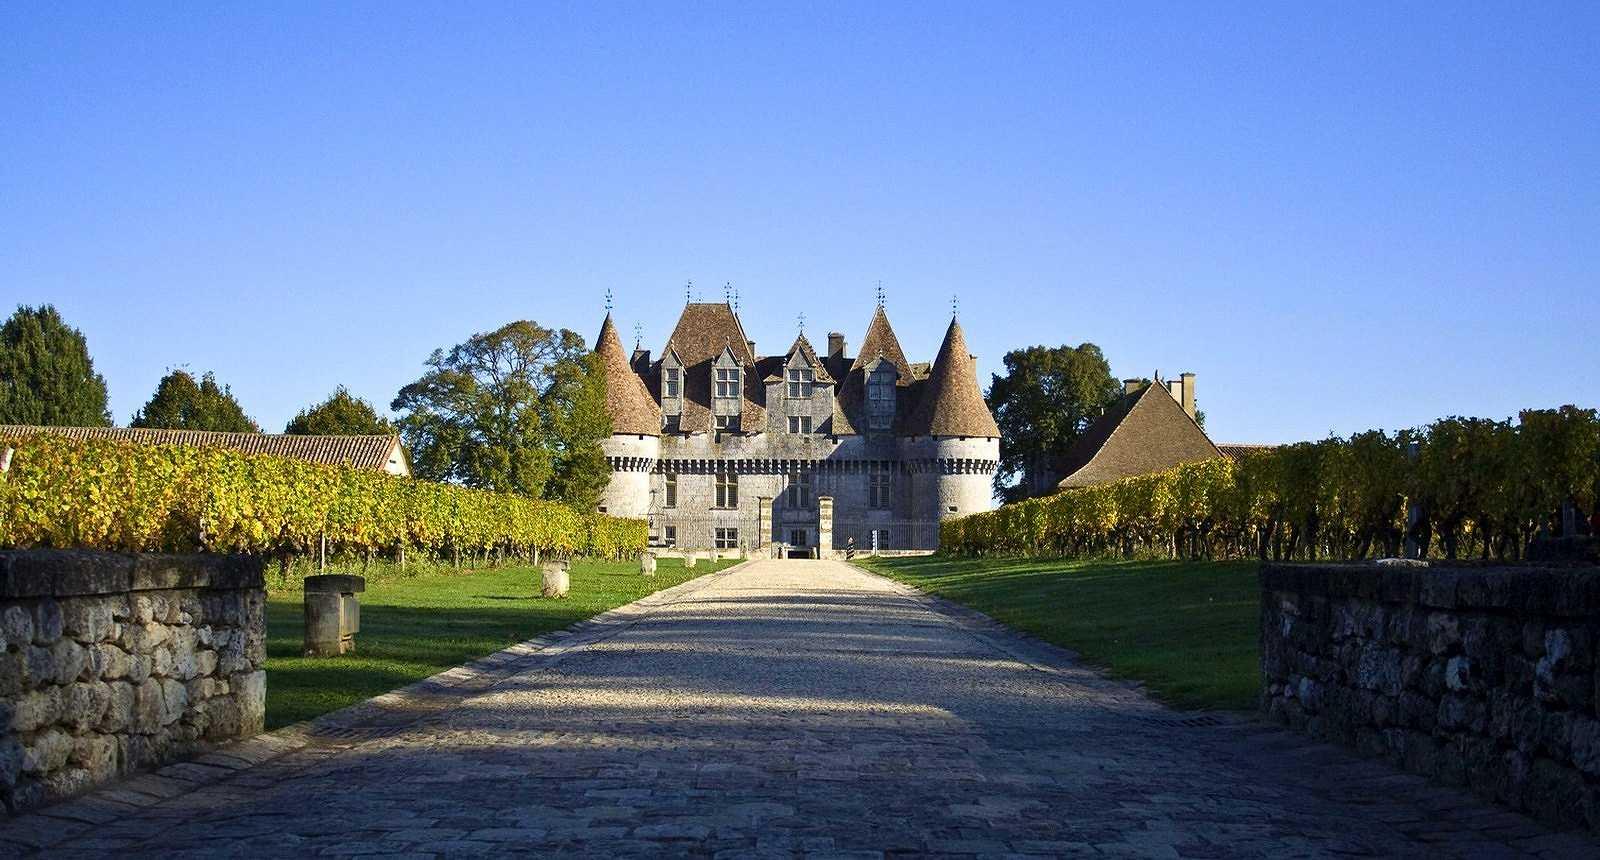 Image : Château de Monbazillac